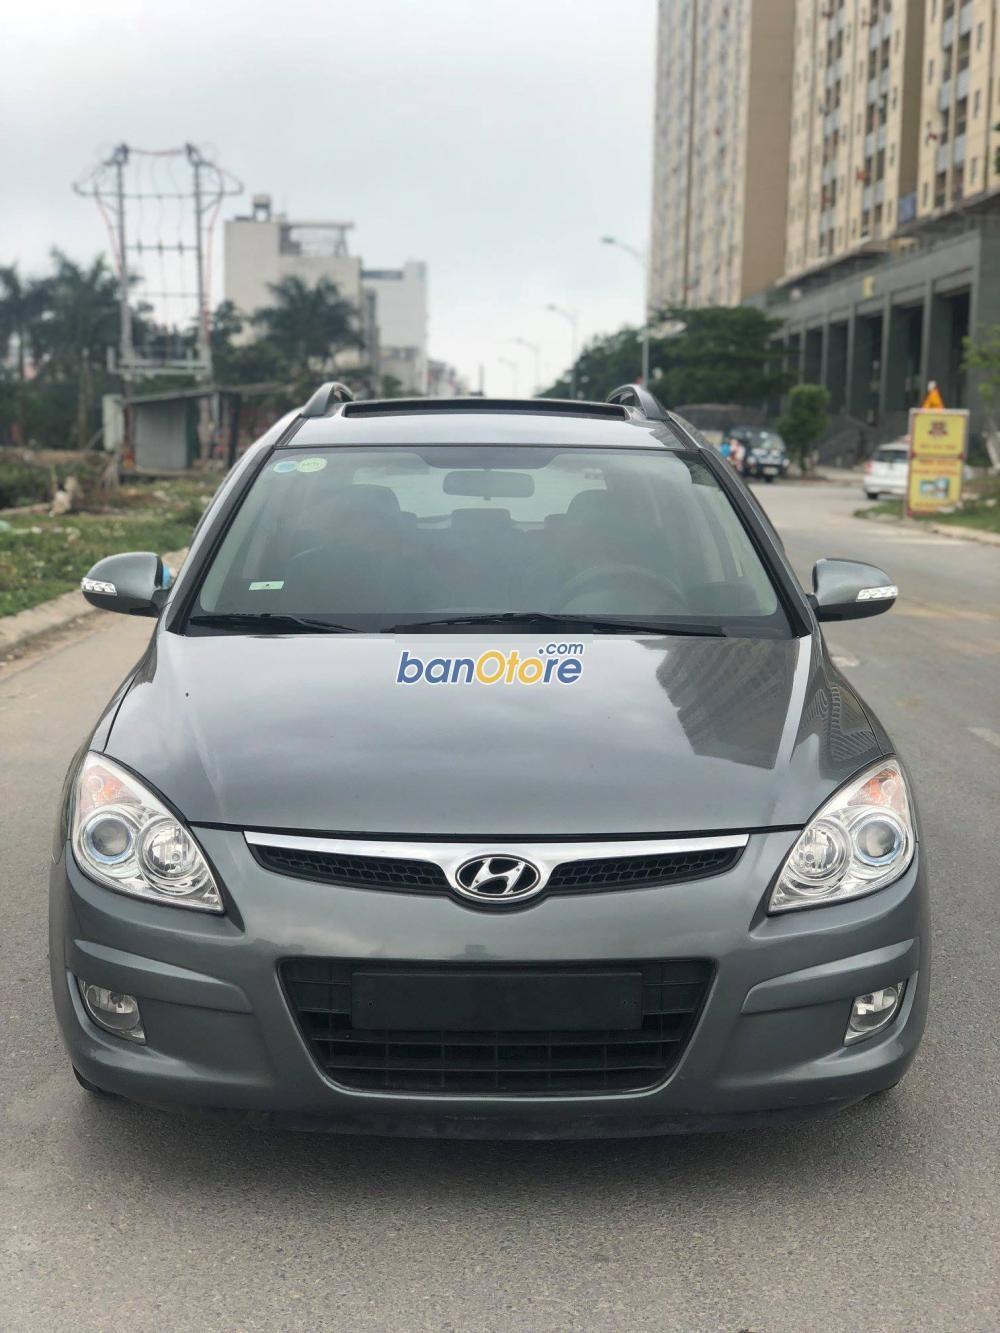 Cần bán gấp Hyundai i30 đời 2009, màu xám, xe nhập